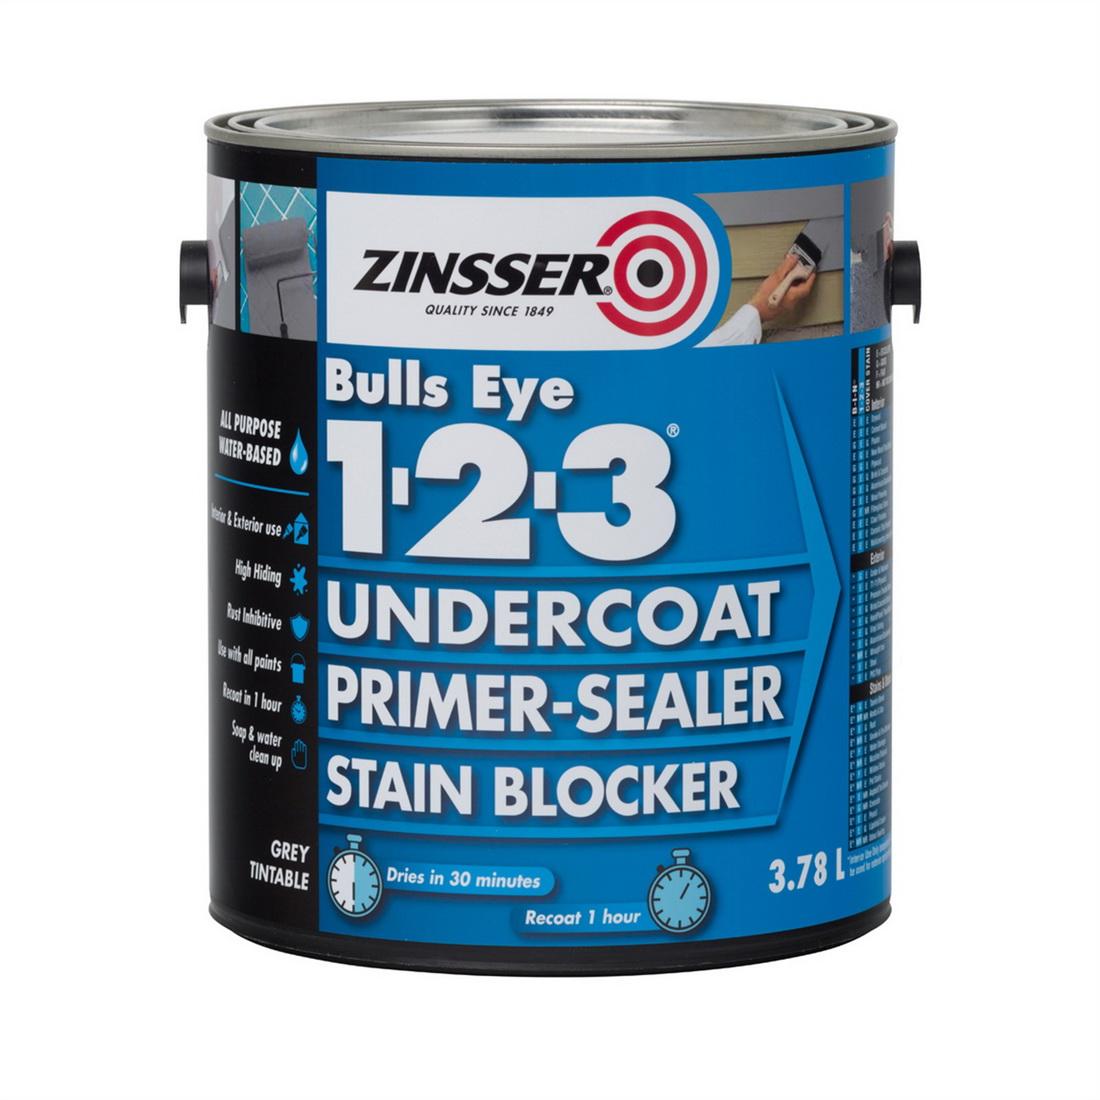 Zinsser Bulls Eye 123 Primer Sealer 3.78L